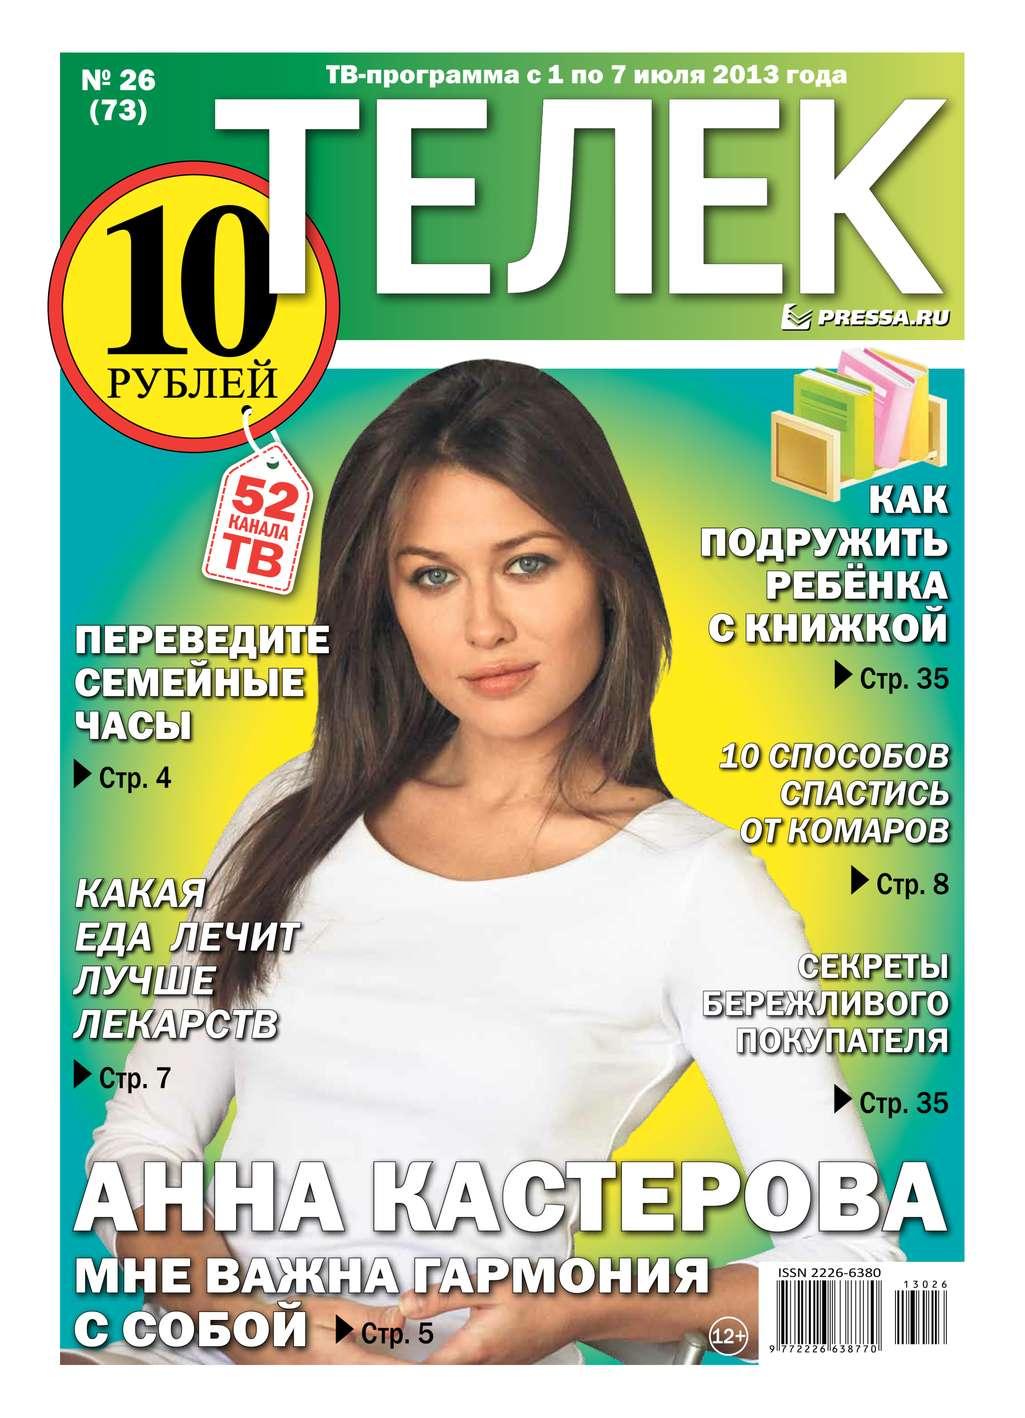 Редакция газеты ТЕЛЕК PRESSA.RU Телек 26-2013 газеты